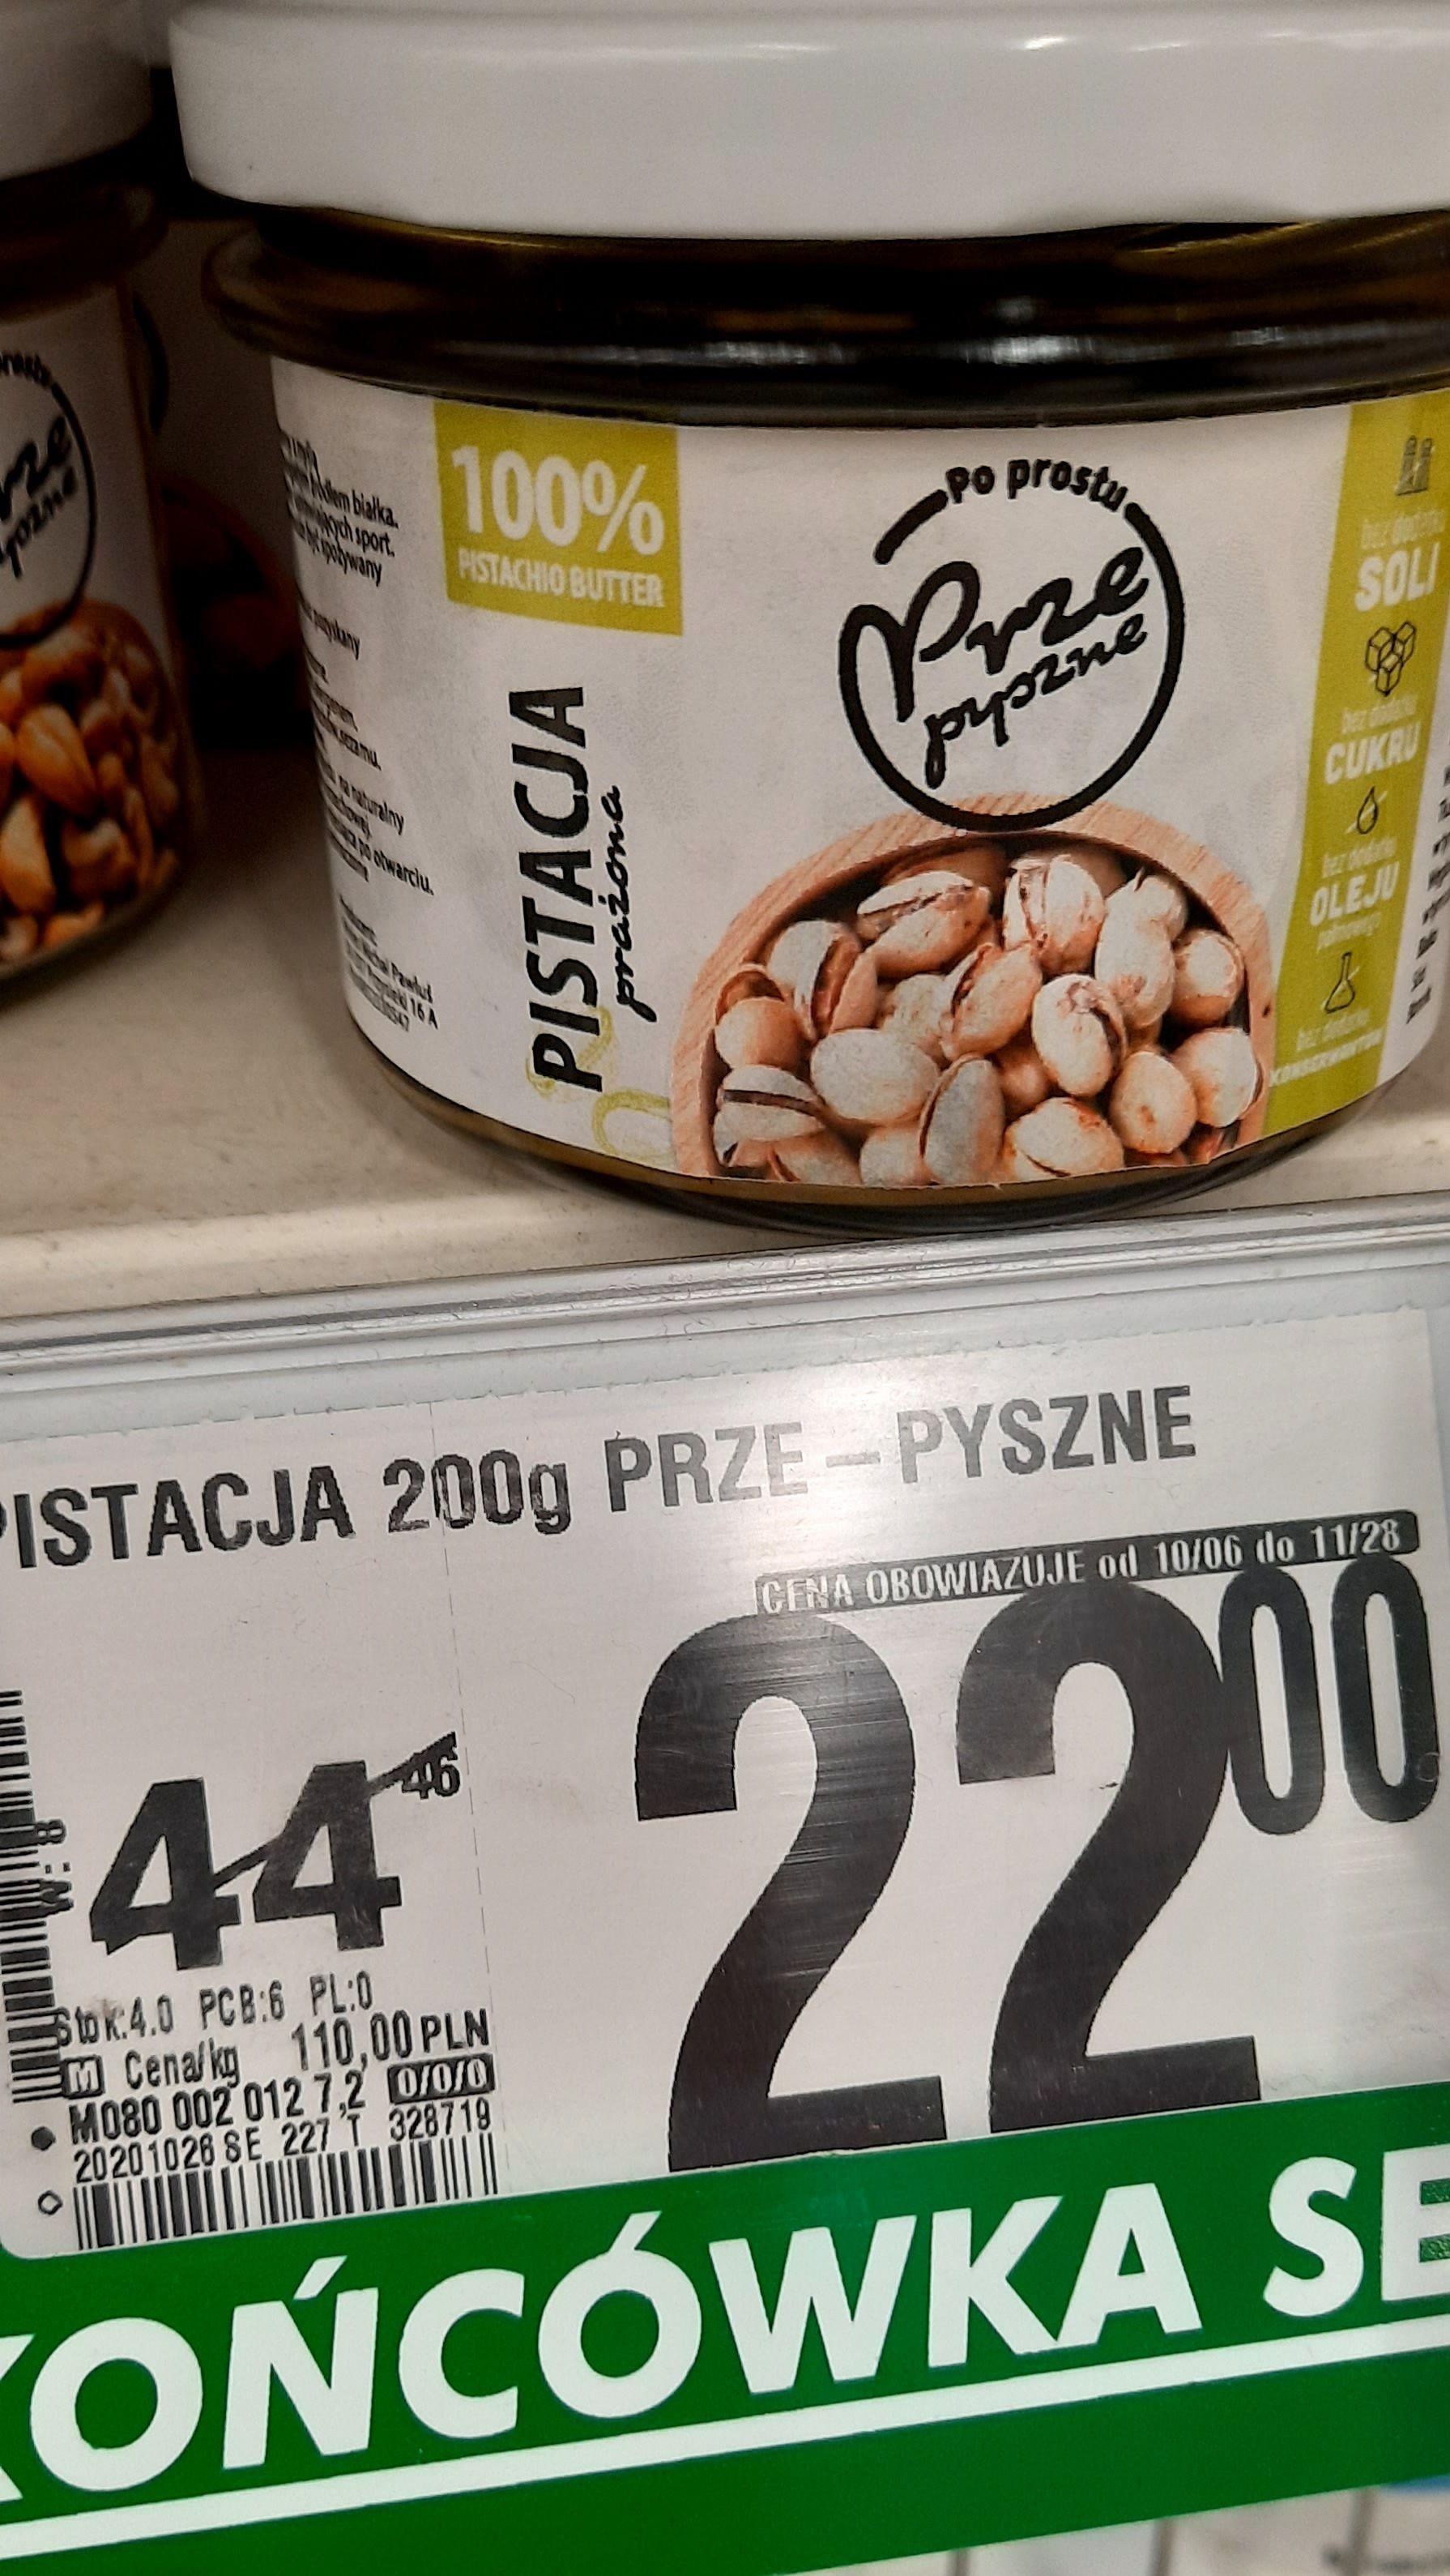 Krem Orzechowy PRZE-PYSZNE 200g / 100% Orzechy pistacjowe prażone - Auchan Ursynów